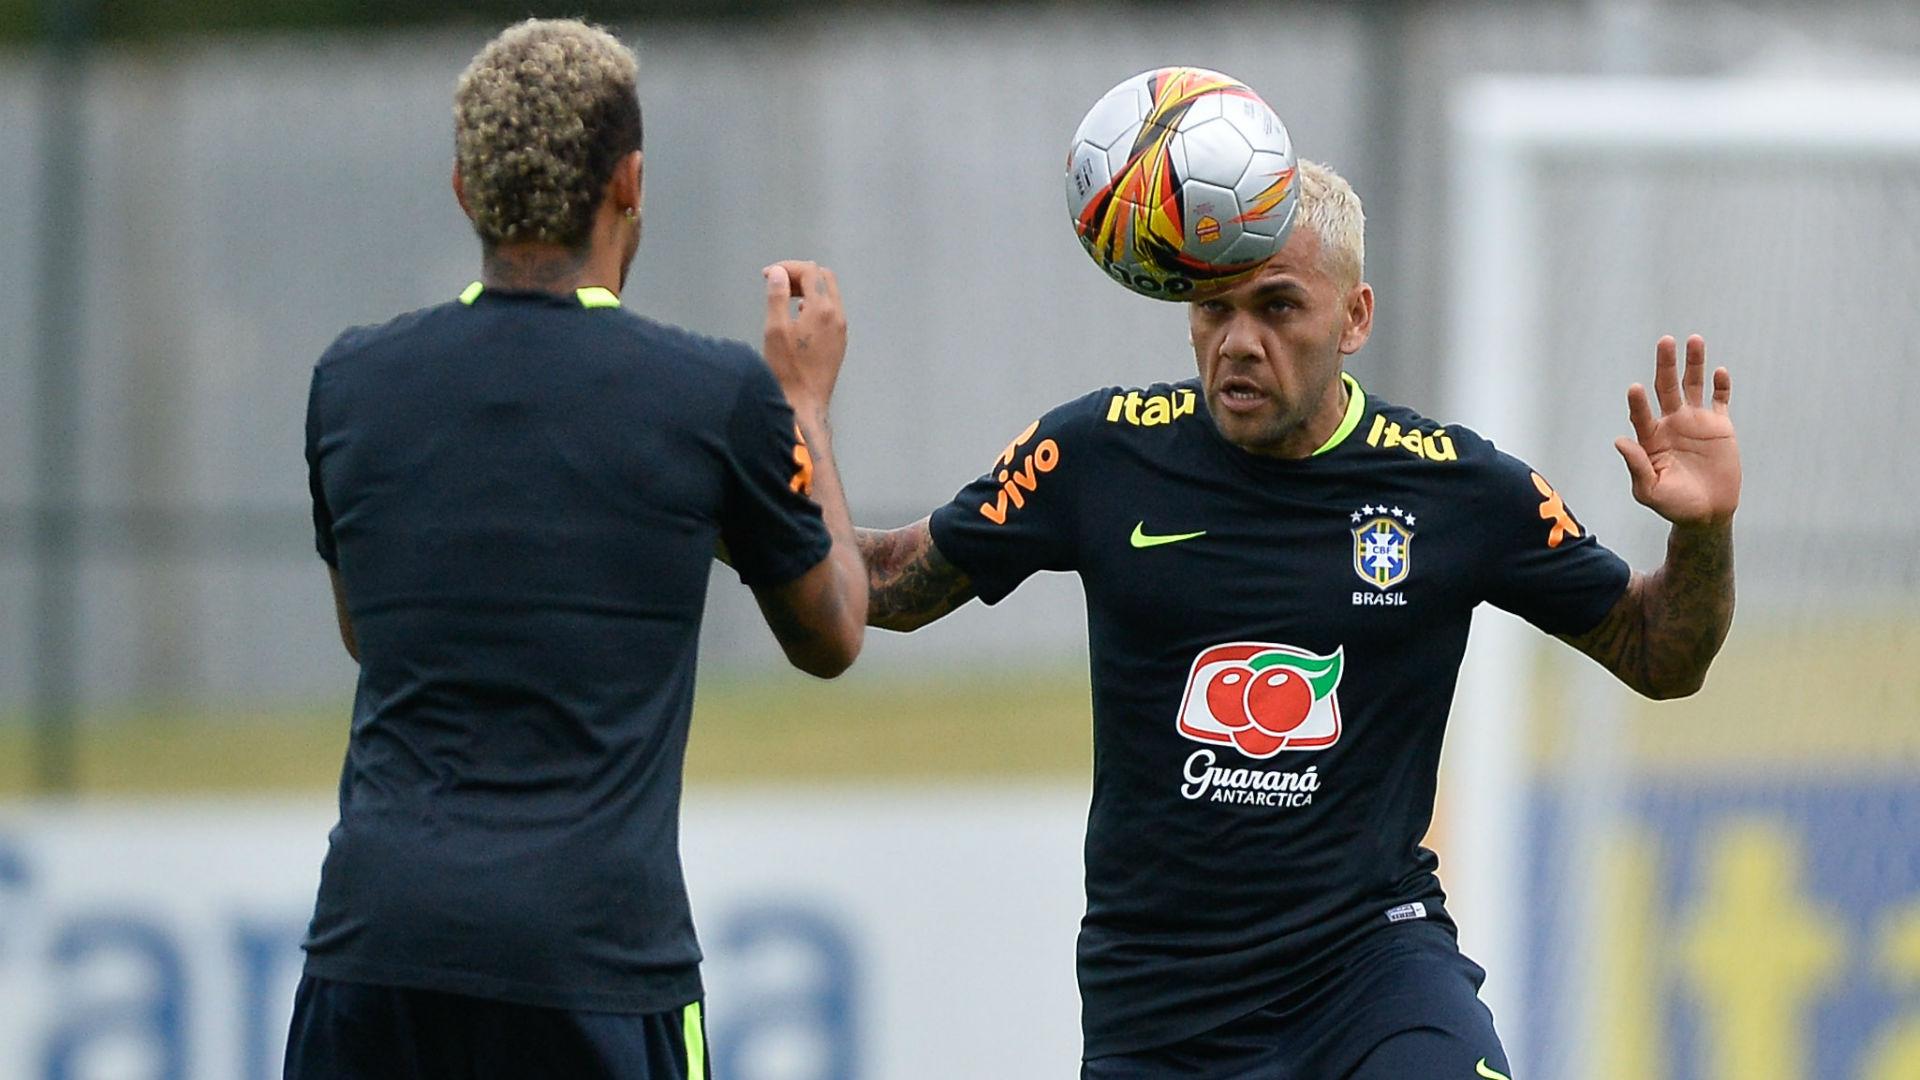 Neymar Daniel Alves treino Seleção Brasil 03 10 2017